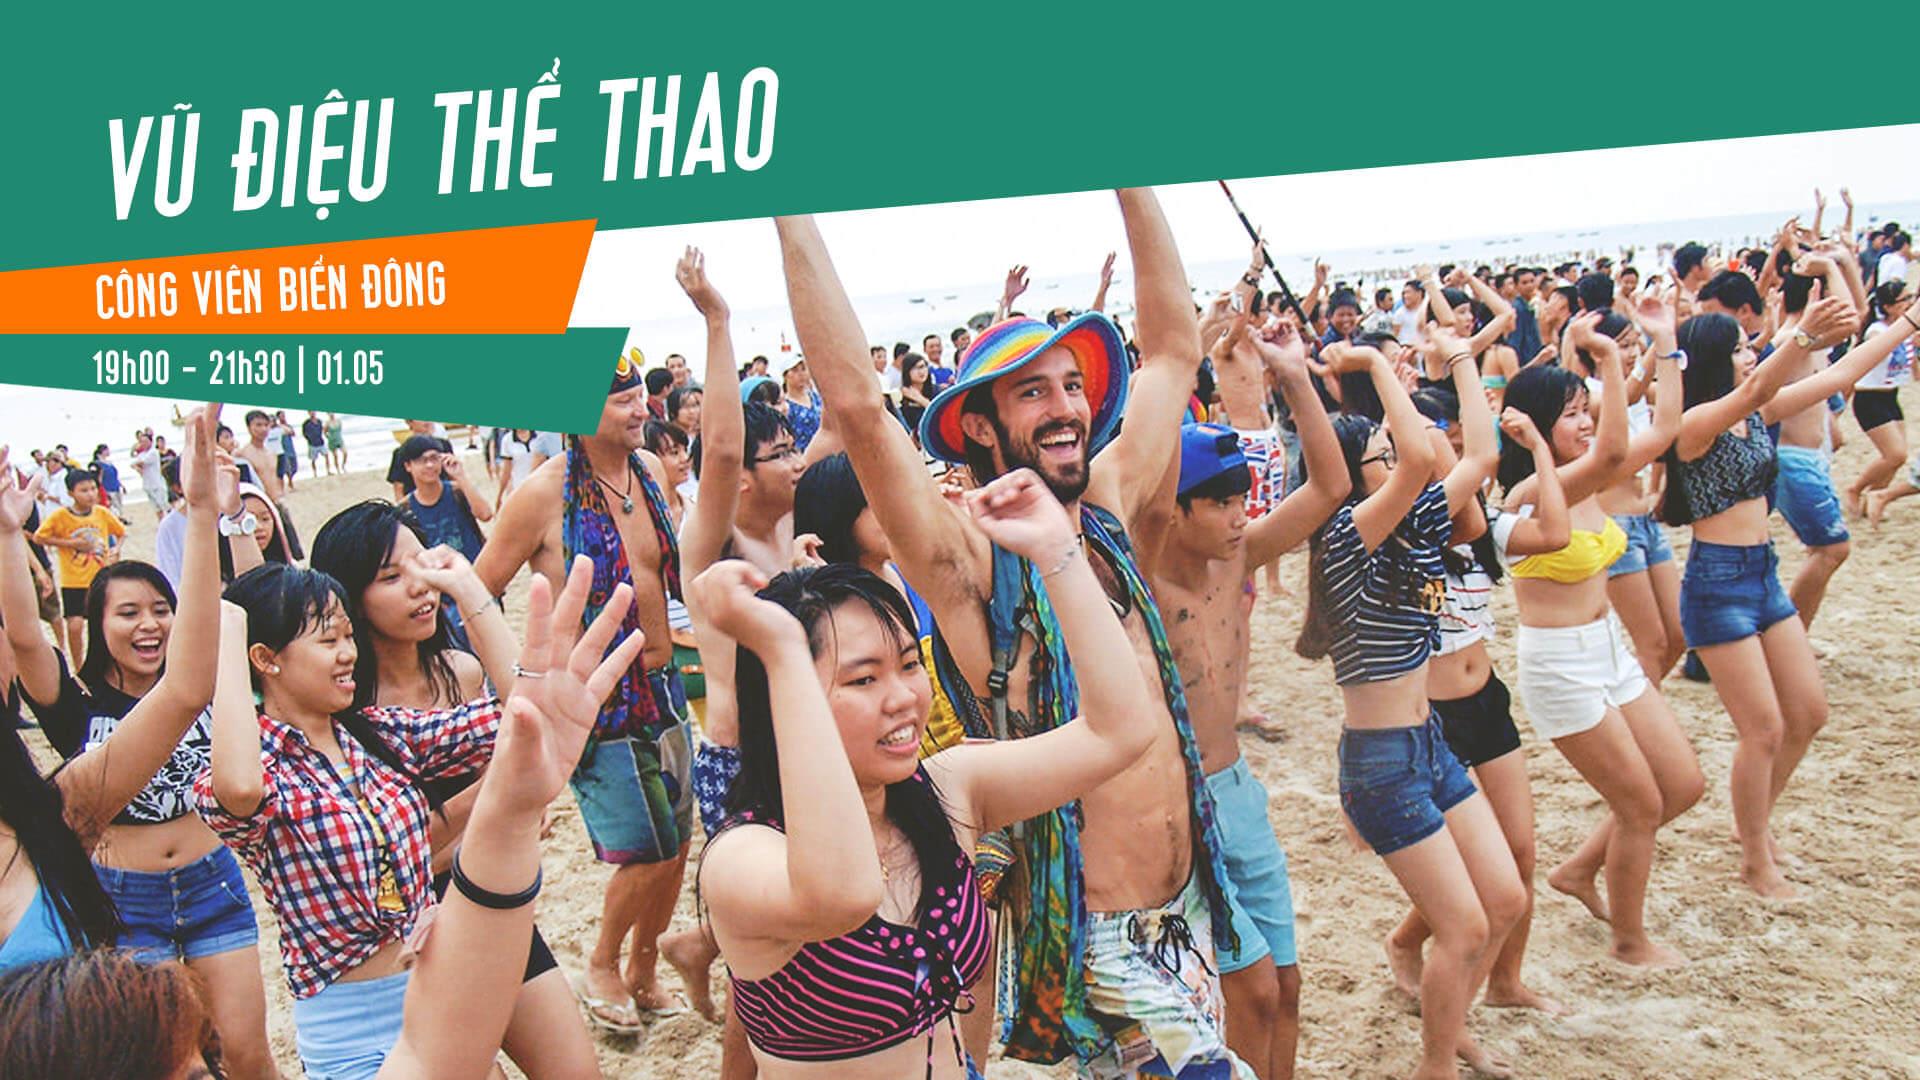 Chi tiết chương trình Khai trương mùa Du lịch biển Đà Nẵng 2018 12